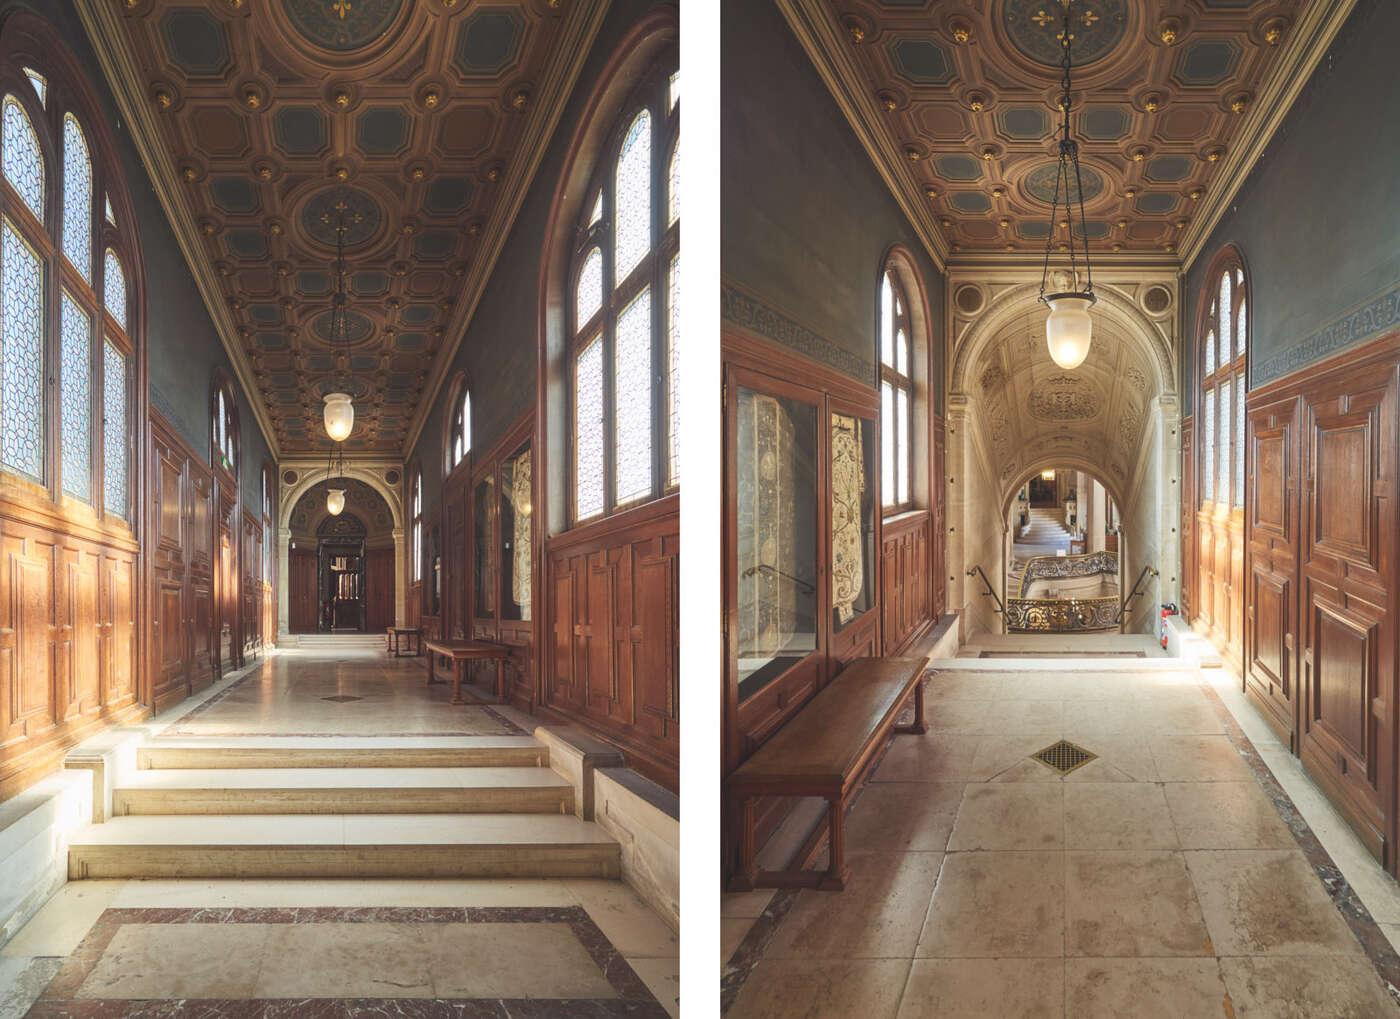 Couloirs de la chapelle du château de Chantilly